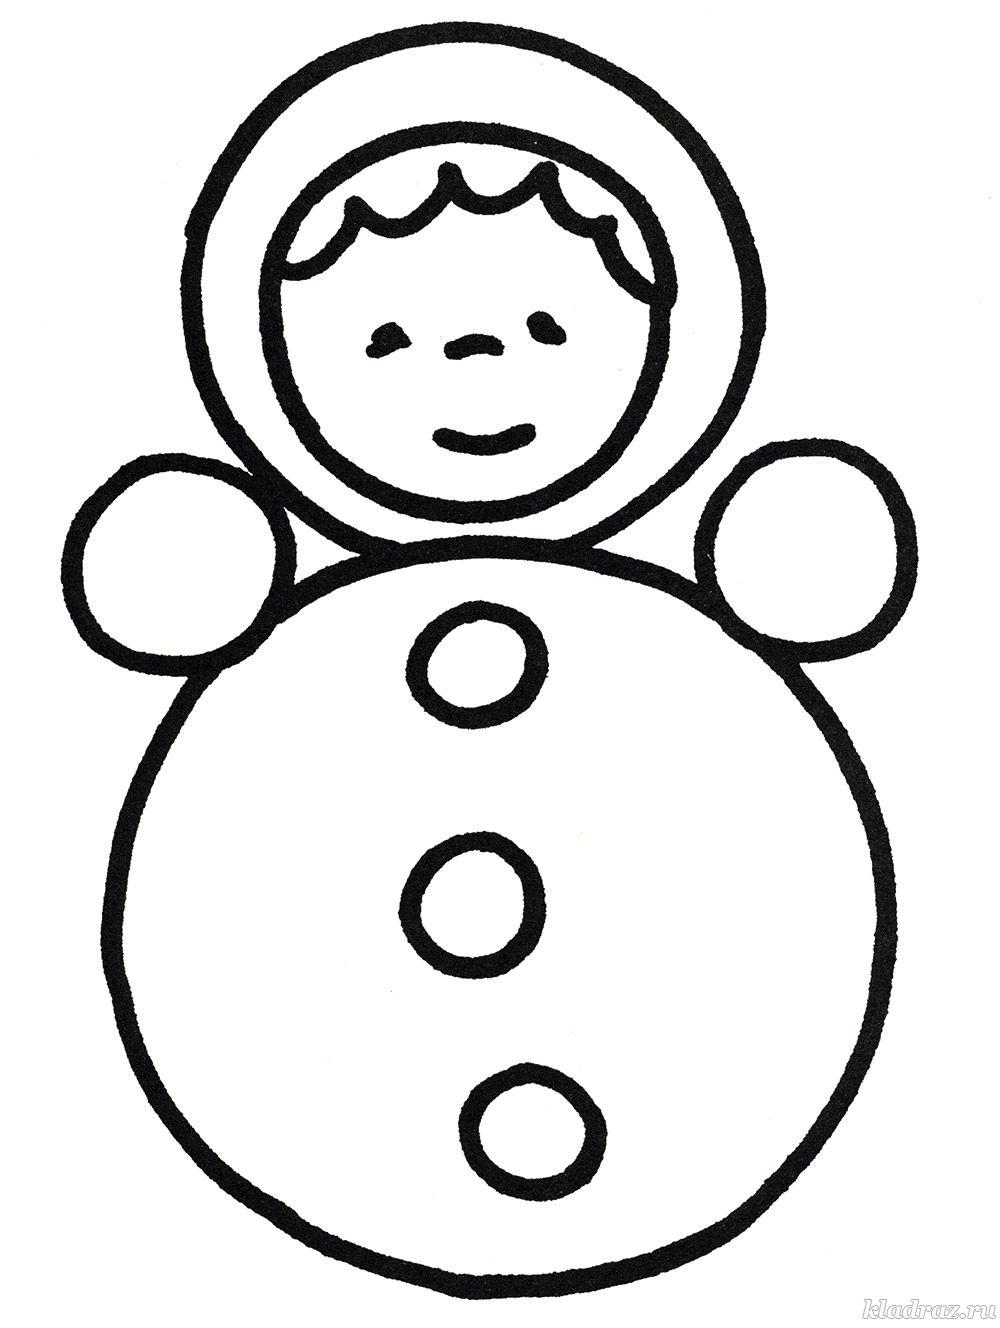 Раскраска для детей 3-4 лет. Неваляшка